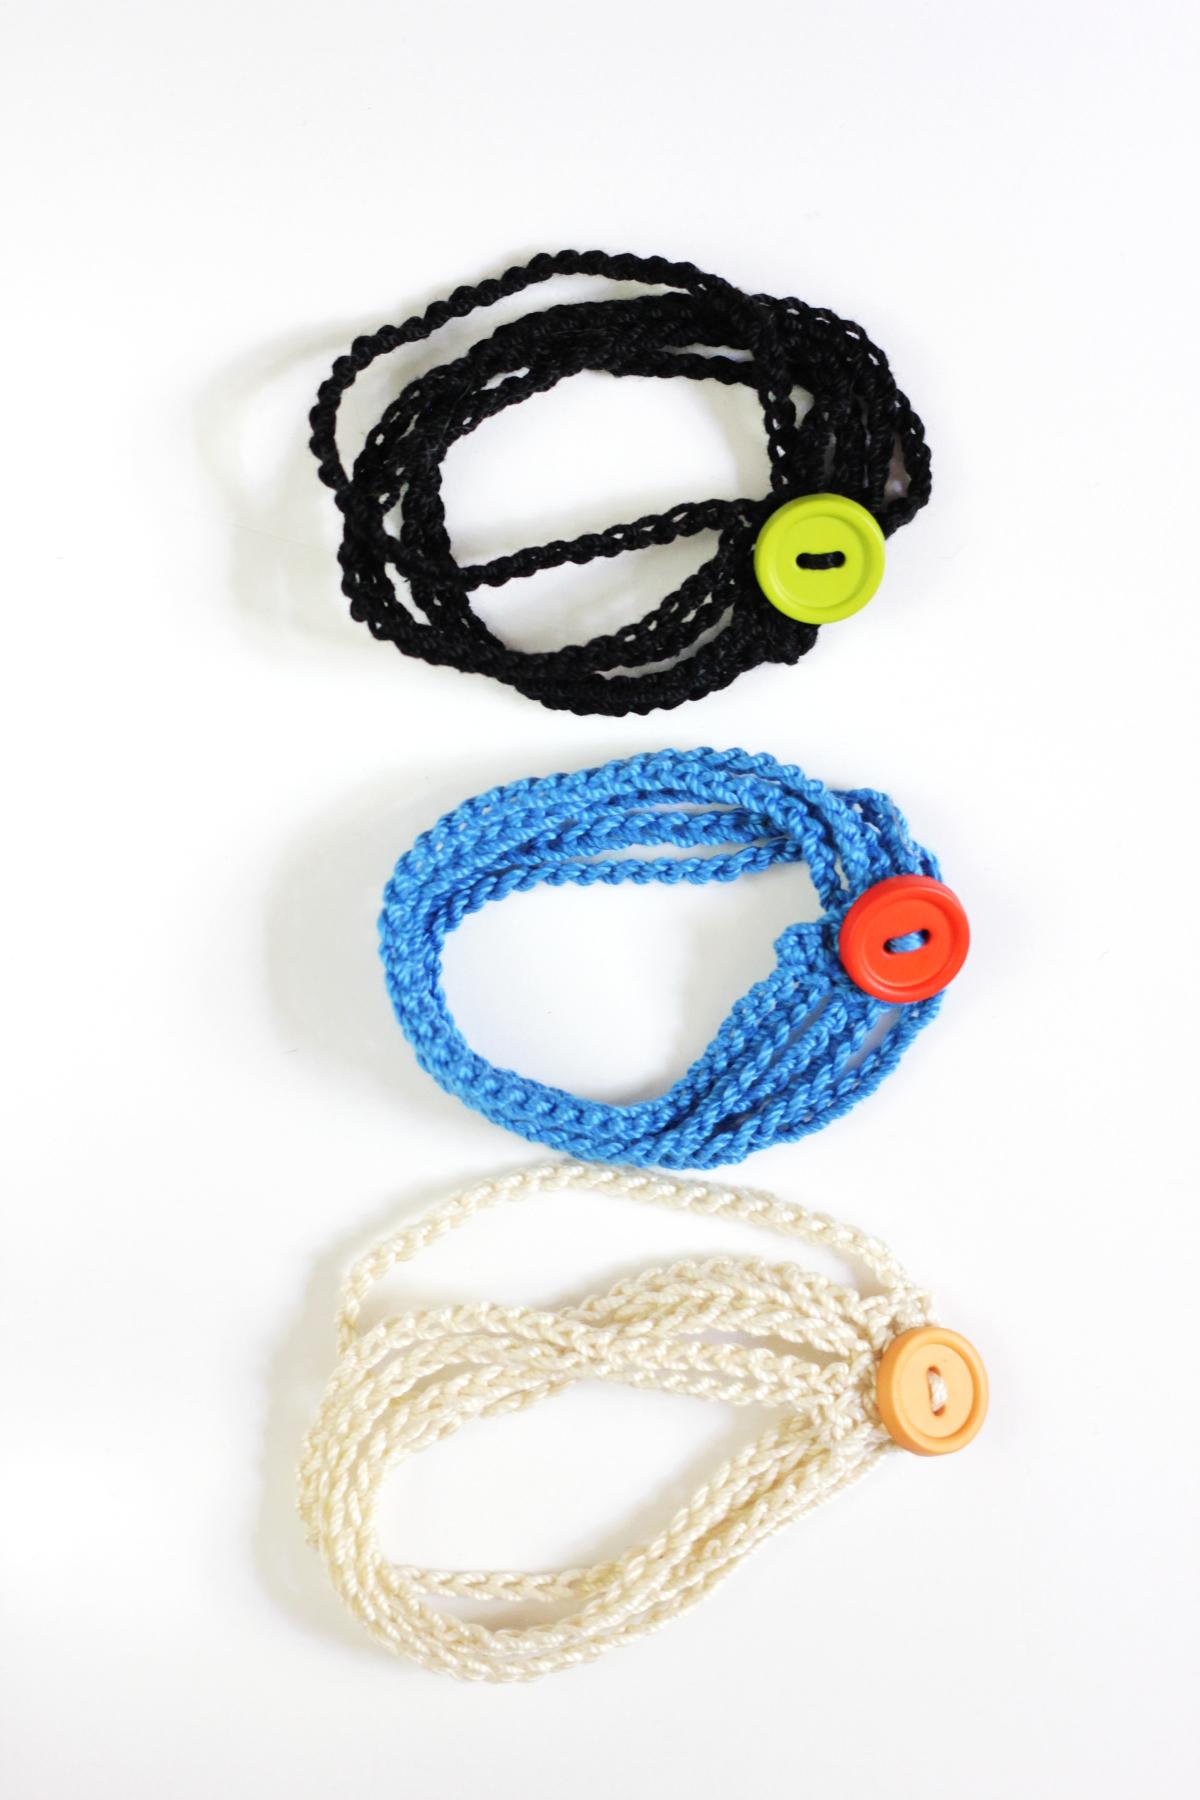 Multistrand Crochet Cuff